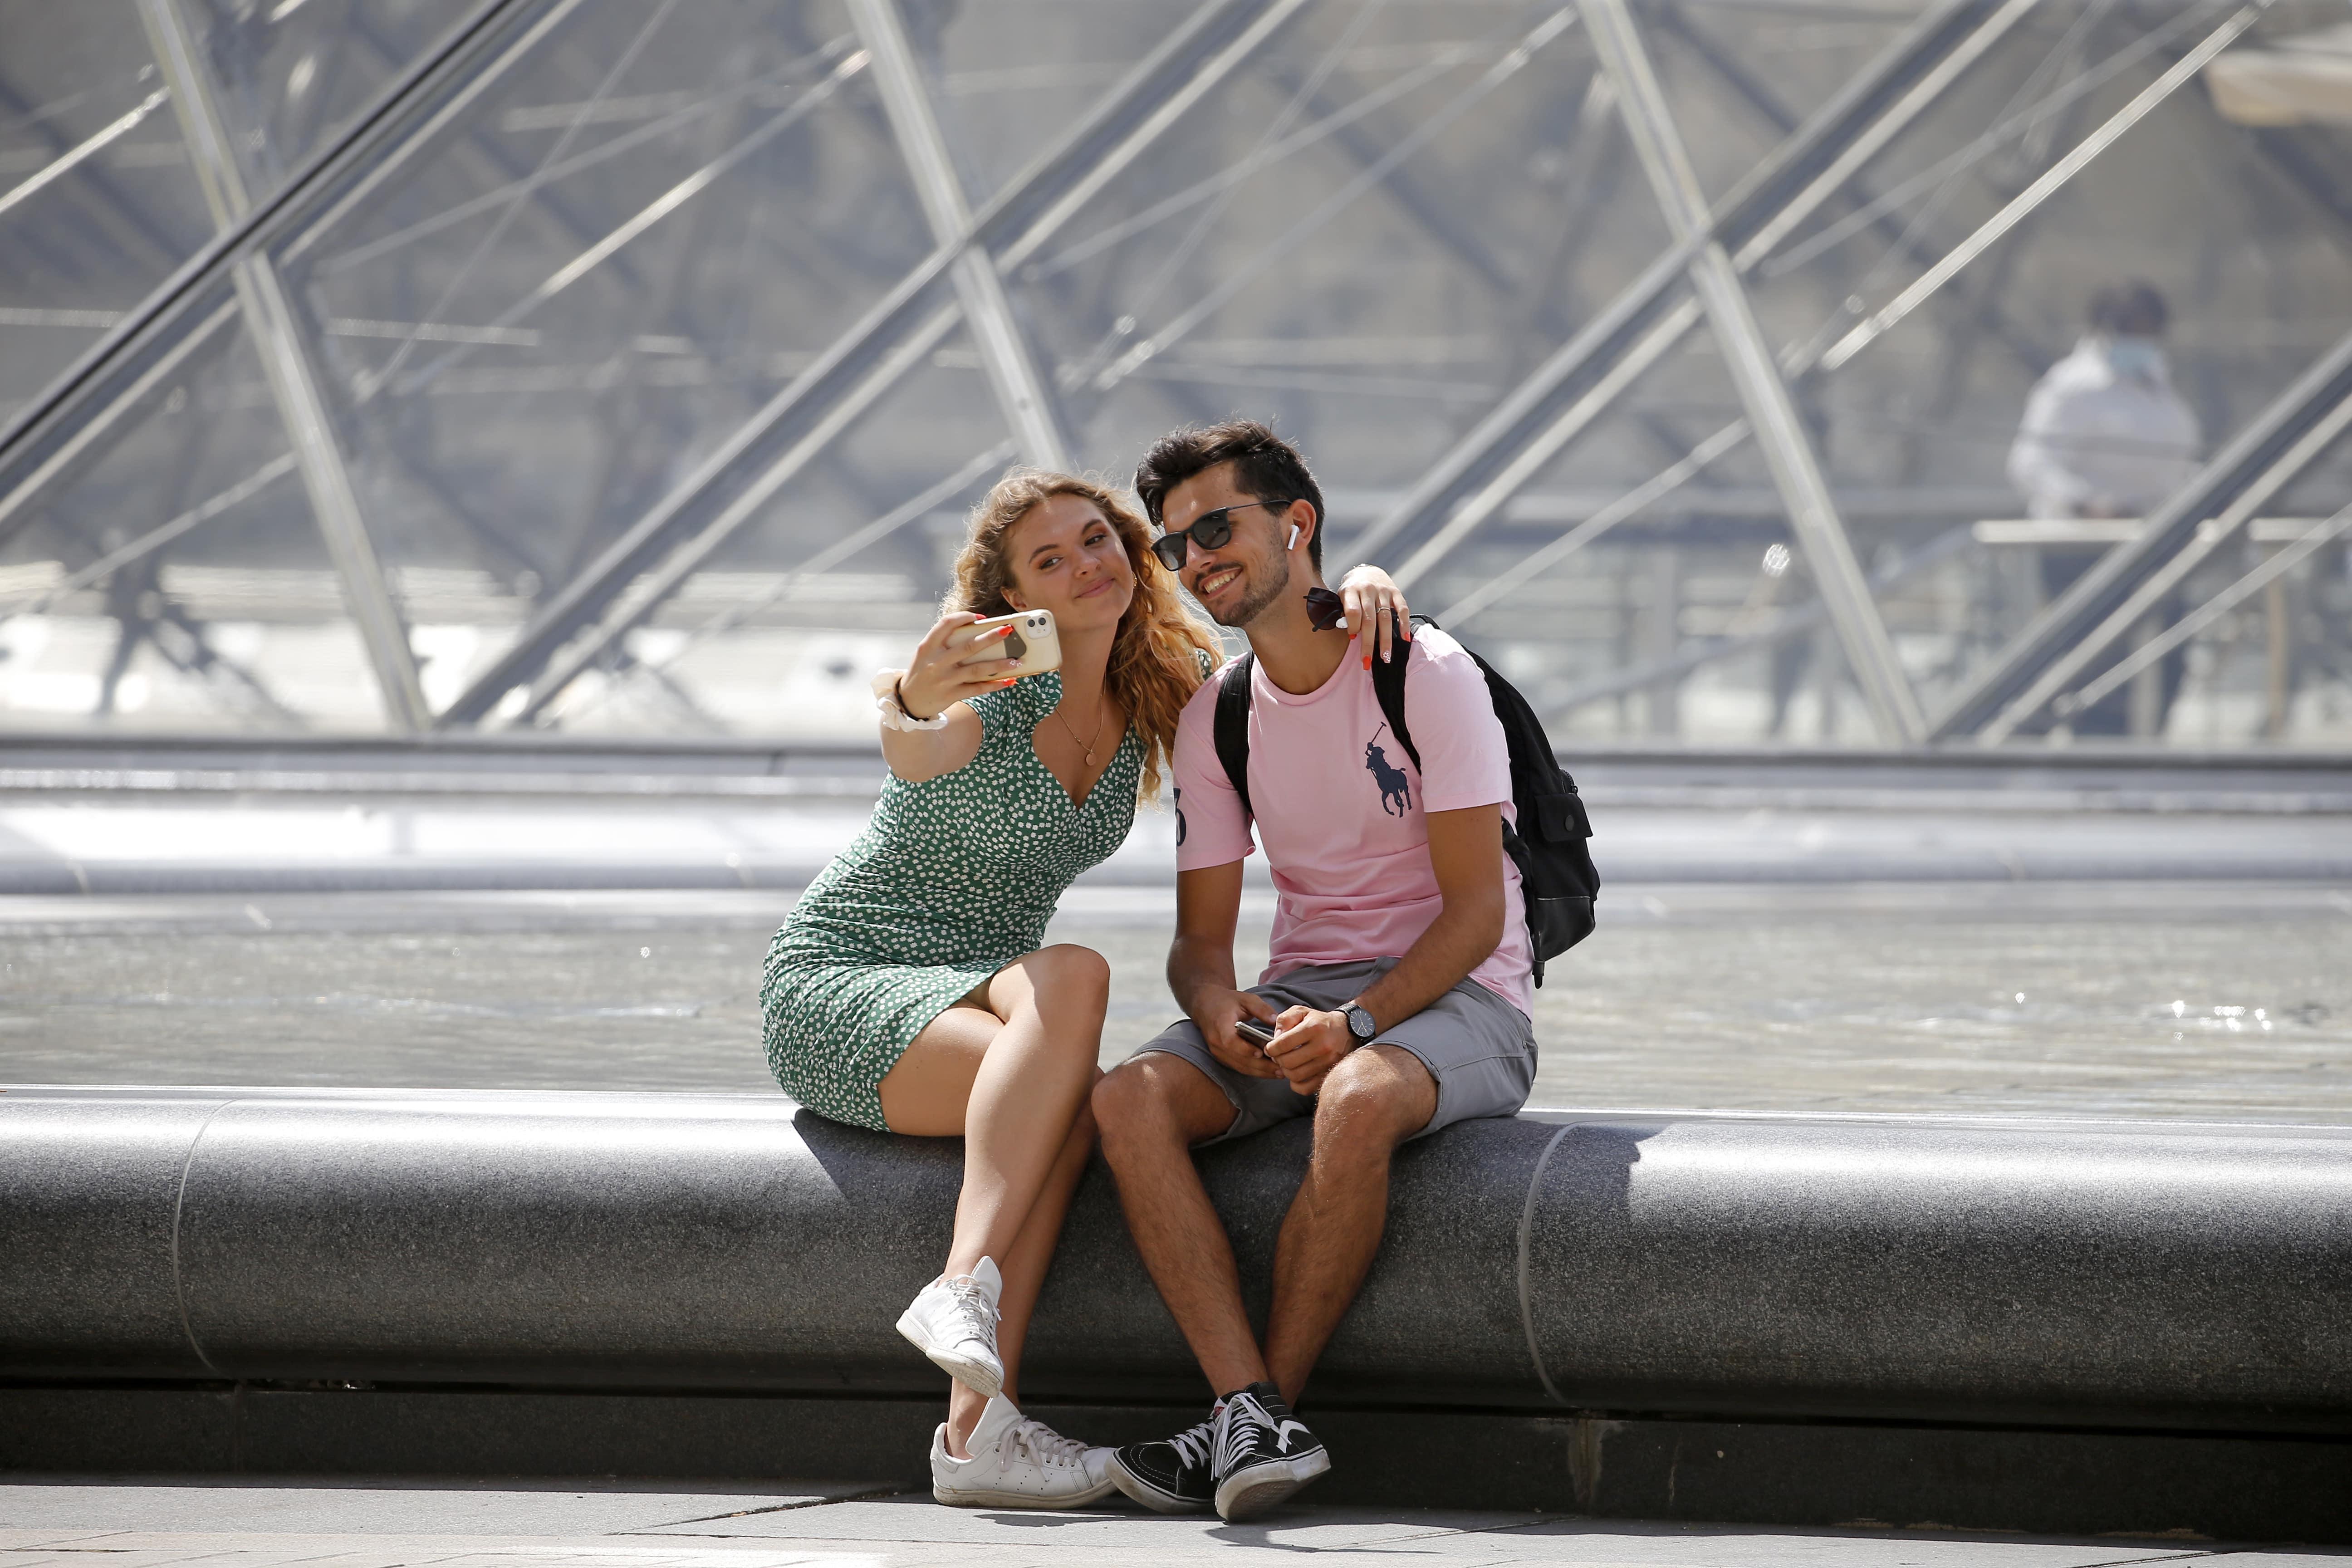 Turistas tiram foto em frente à pirâmide do Louvre